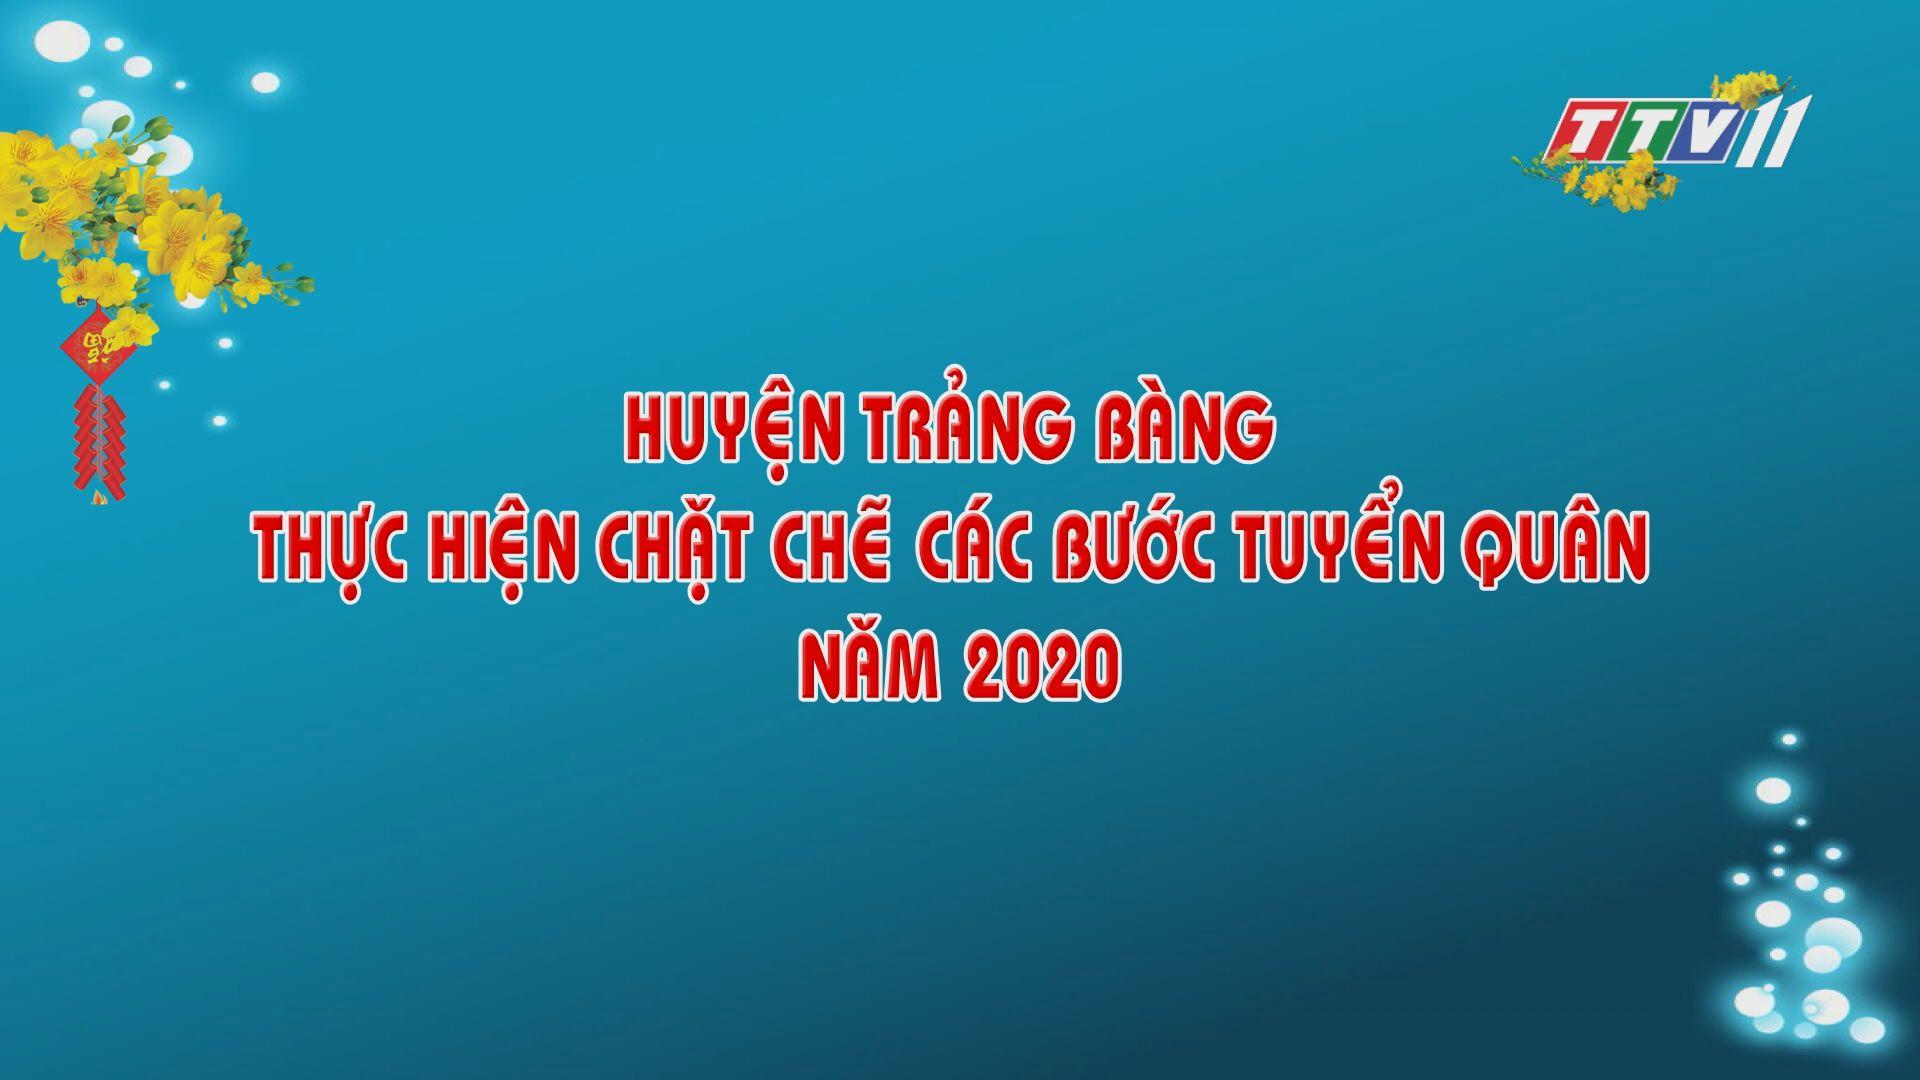 Tân Biên tổ chức bộ máy hệ thống chính trị hoạt động hiệu quả | THÔNG TIN TỪ CƠ SỞ | TayNinhTV